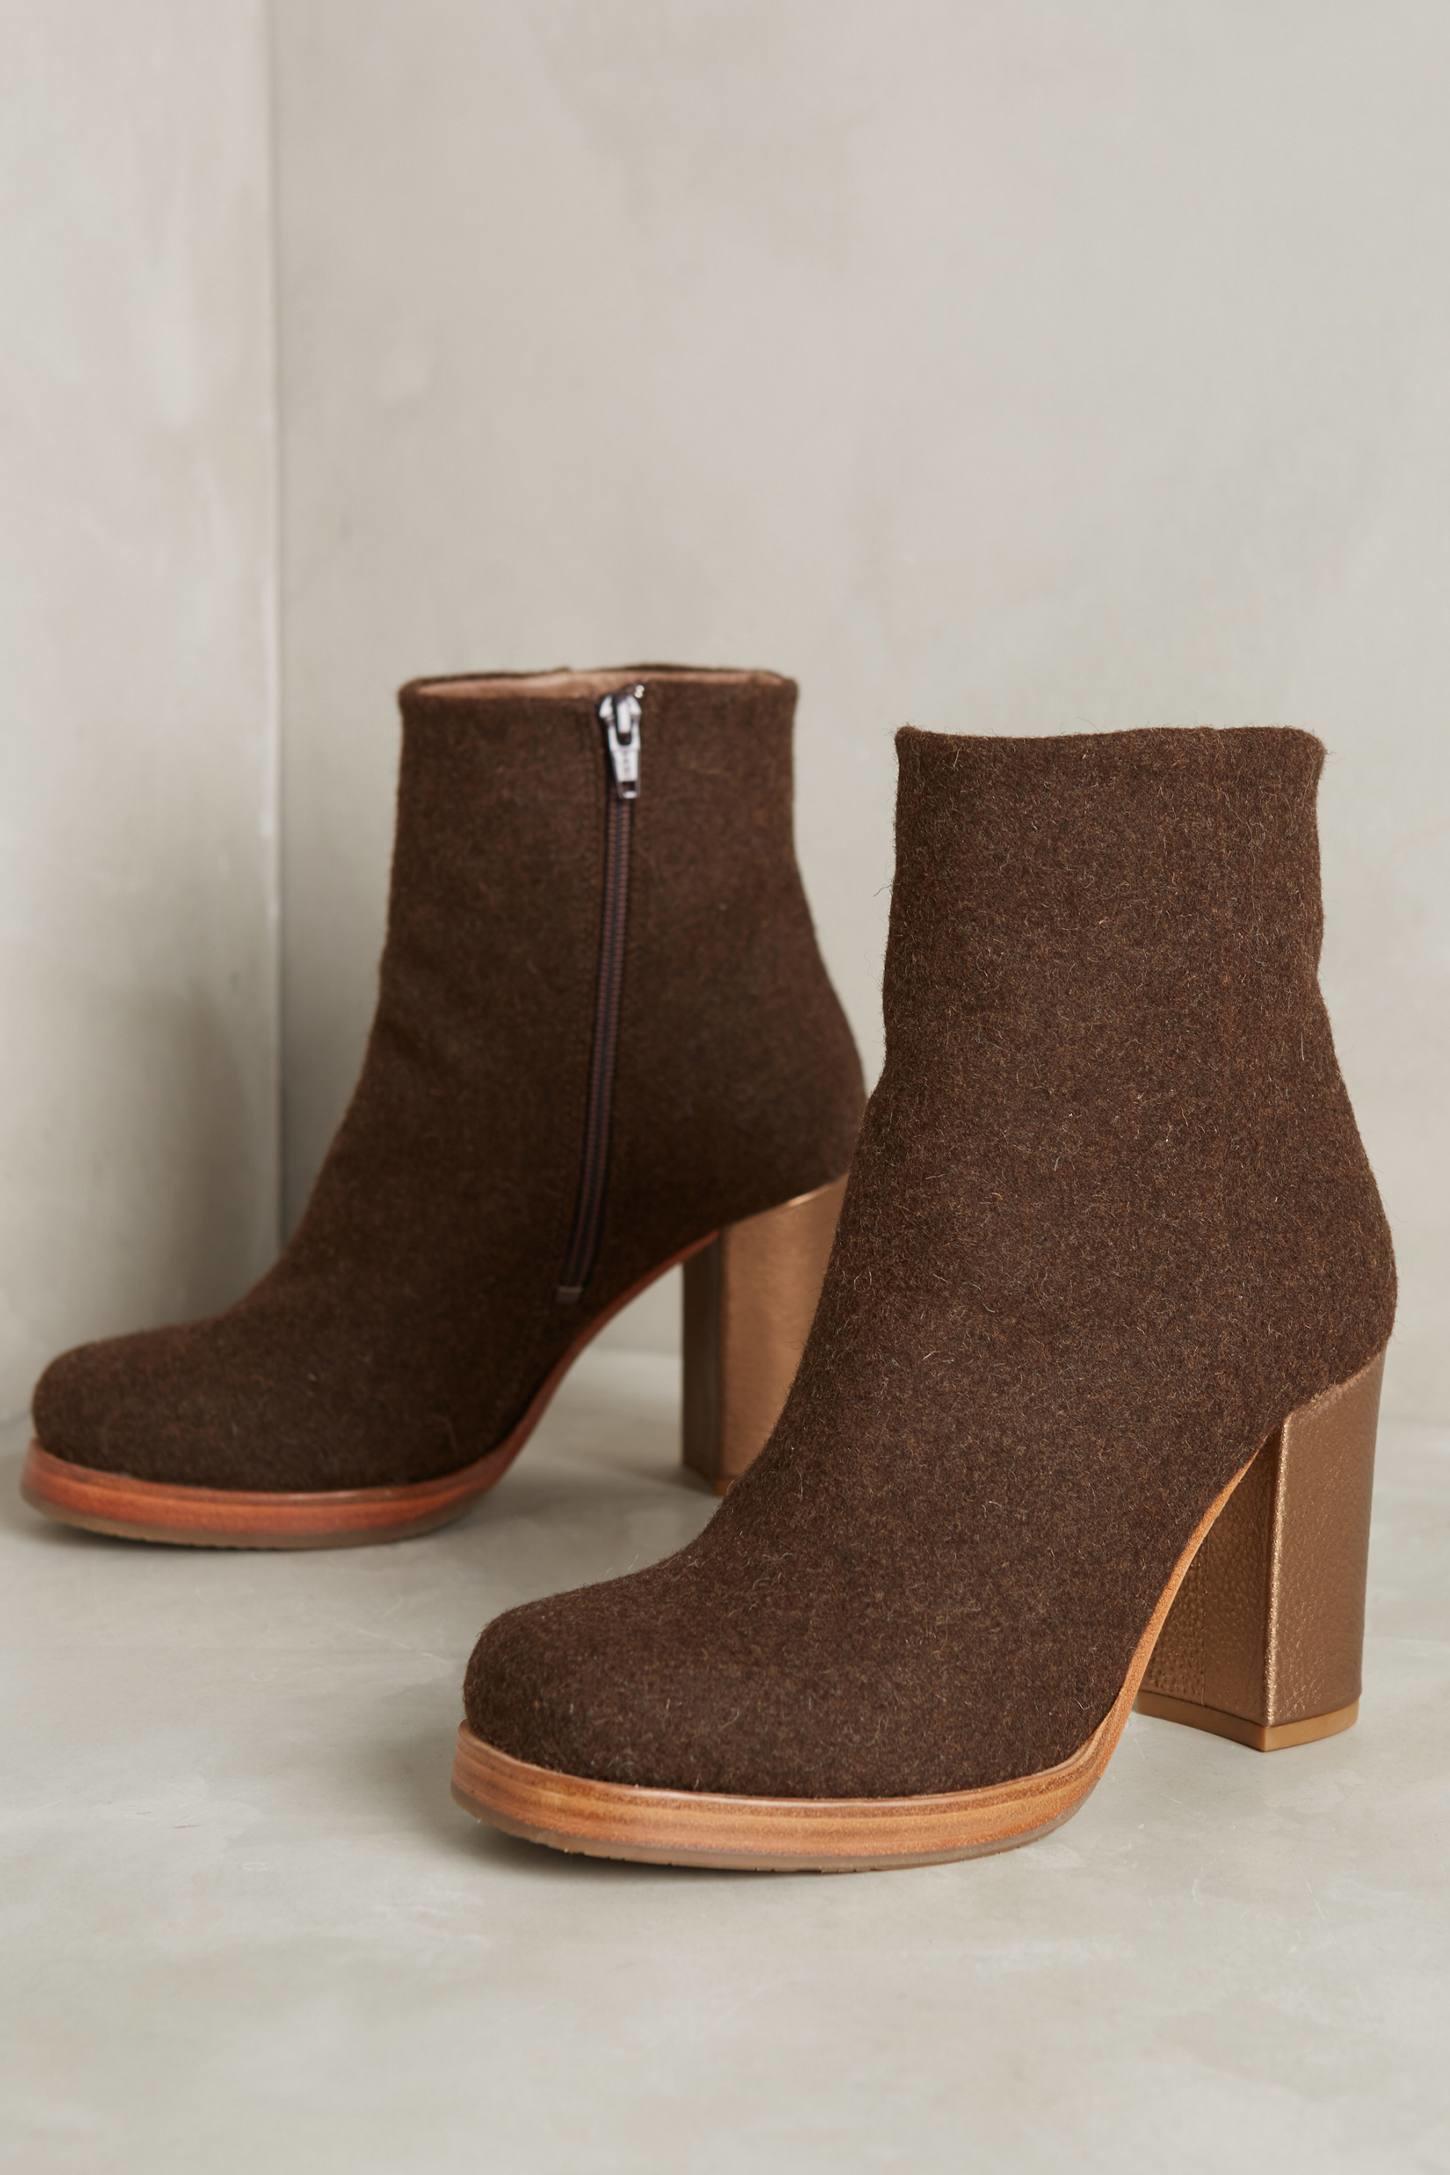 Best Selling Cubanas Women Boots Boots Cubanas womens Dark brown CUBANAS Womens Boots